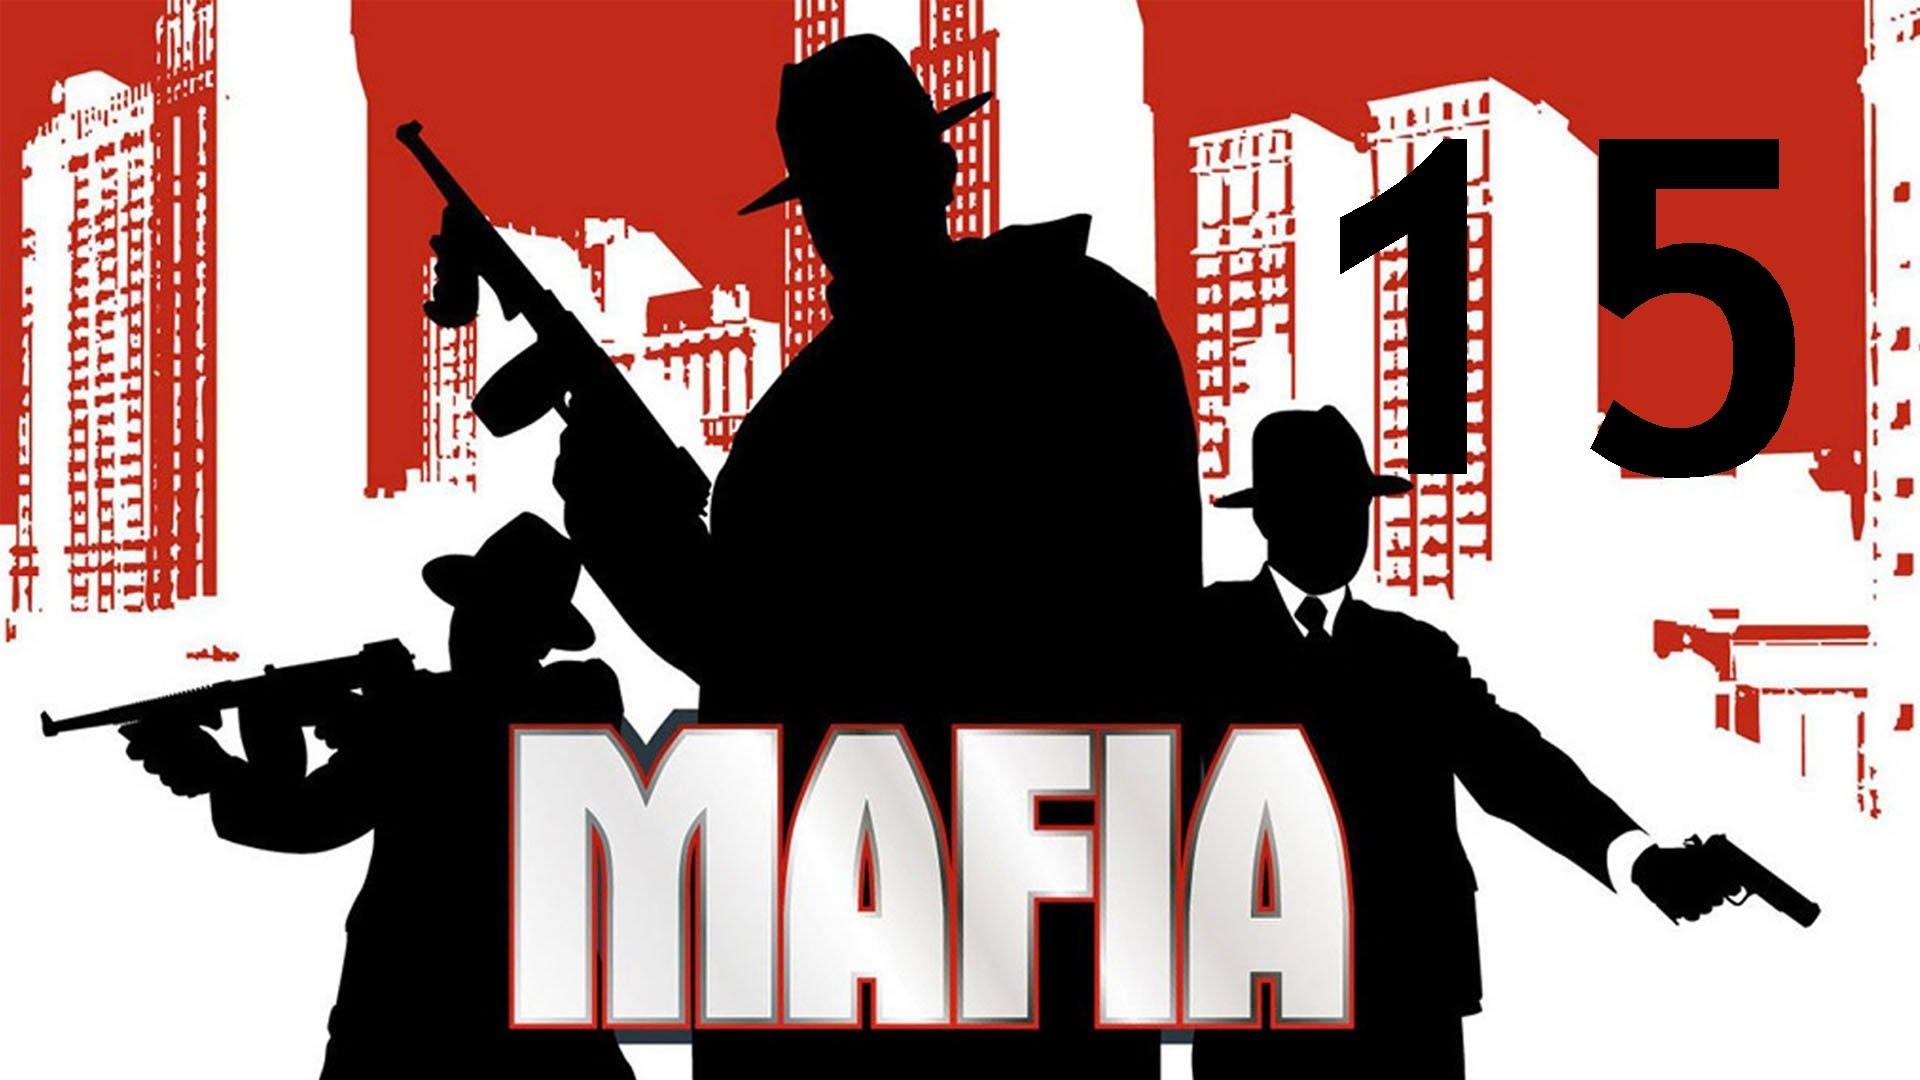 the role of women in the mafia